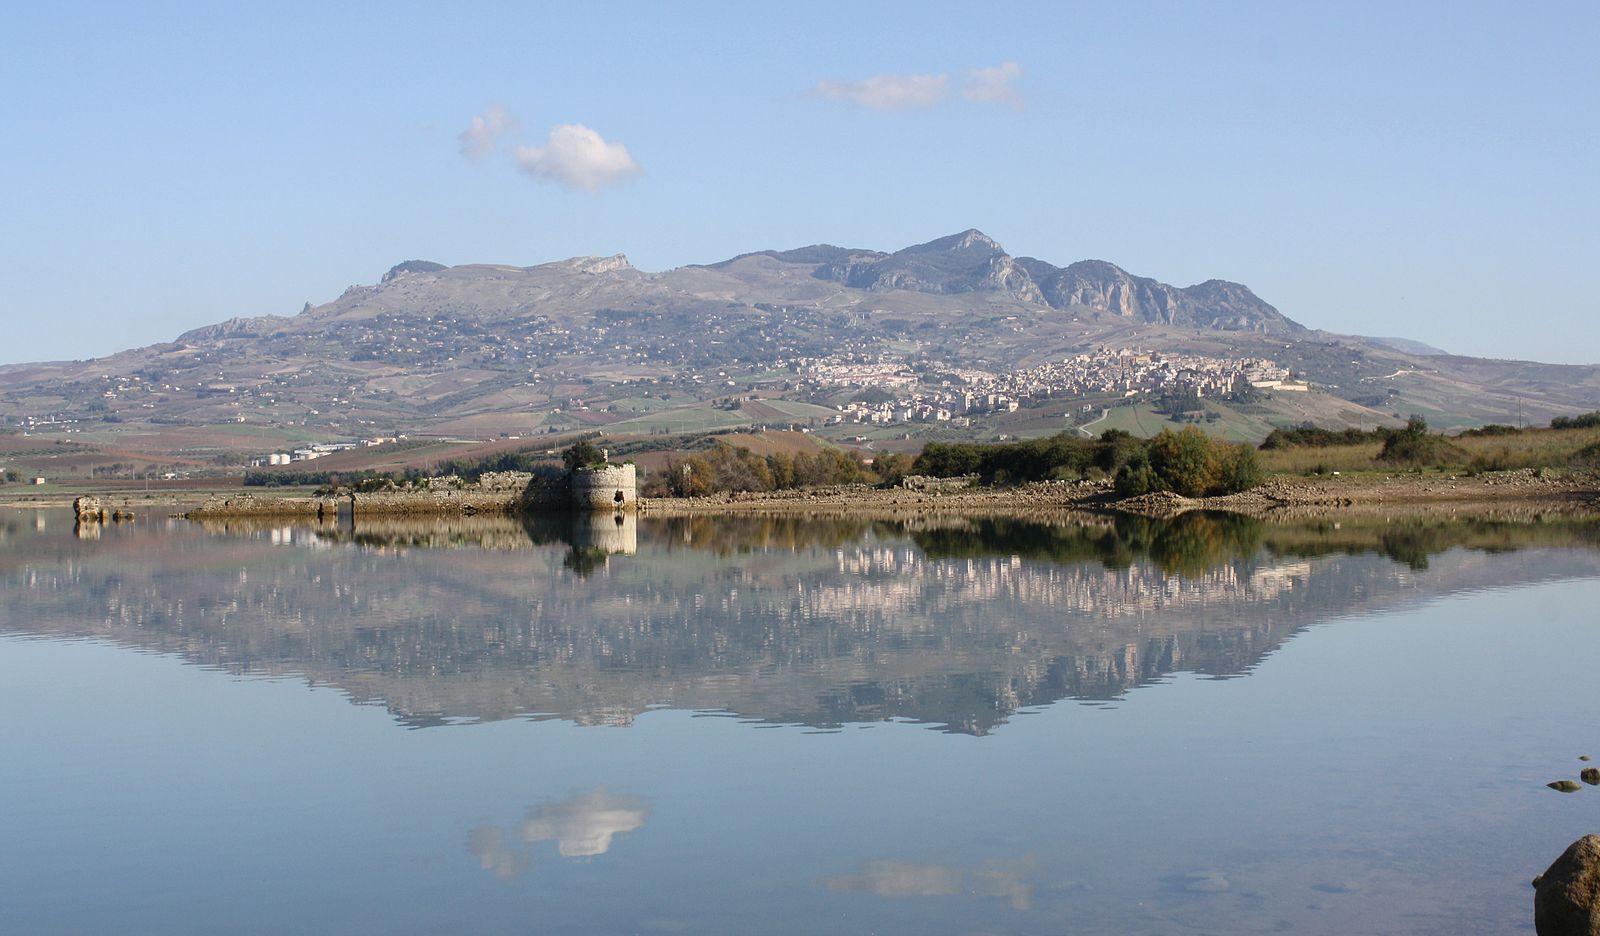 Alla scoperta di Mazzallakkar: visite speciali al fortino che emerge dal lago